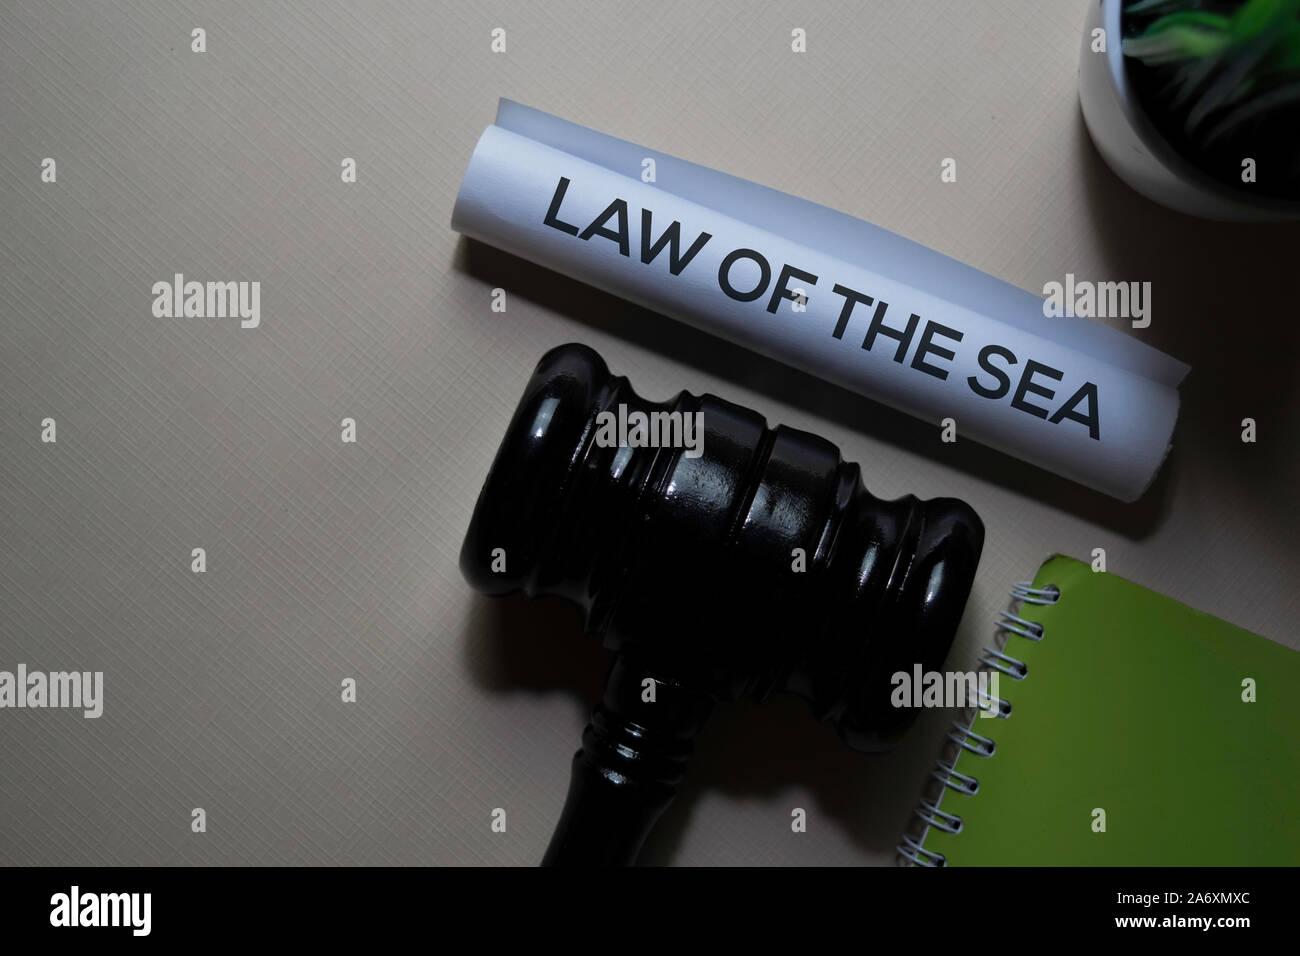 Derecho del Mar el texto en el documento y martillo aislado en la oficina. Concepto de derecho de justicia Foto de stock